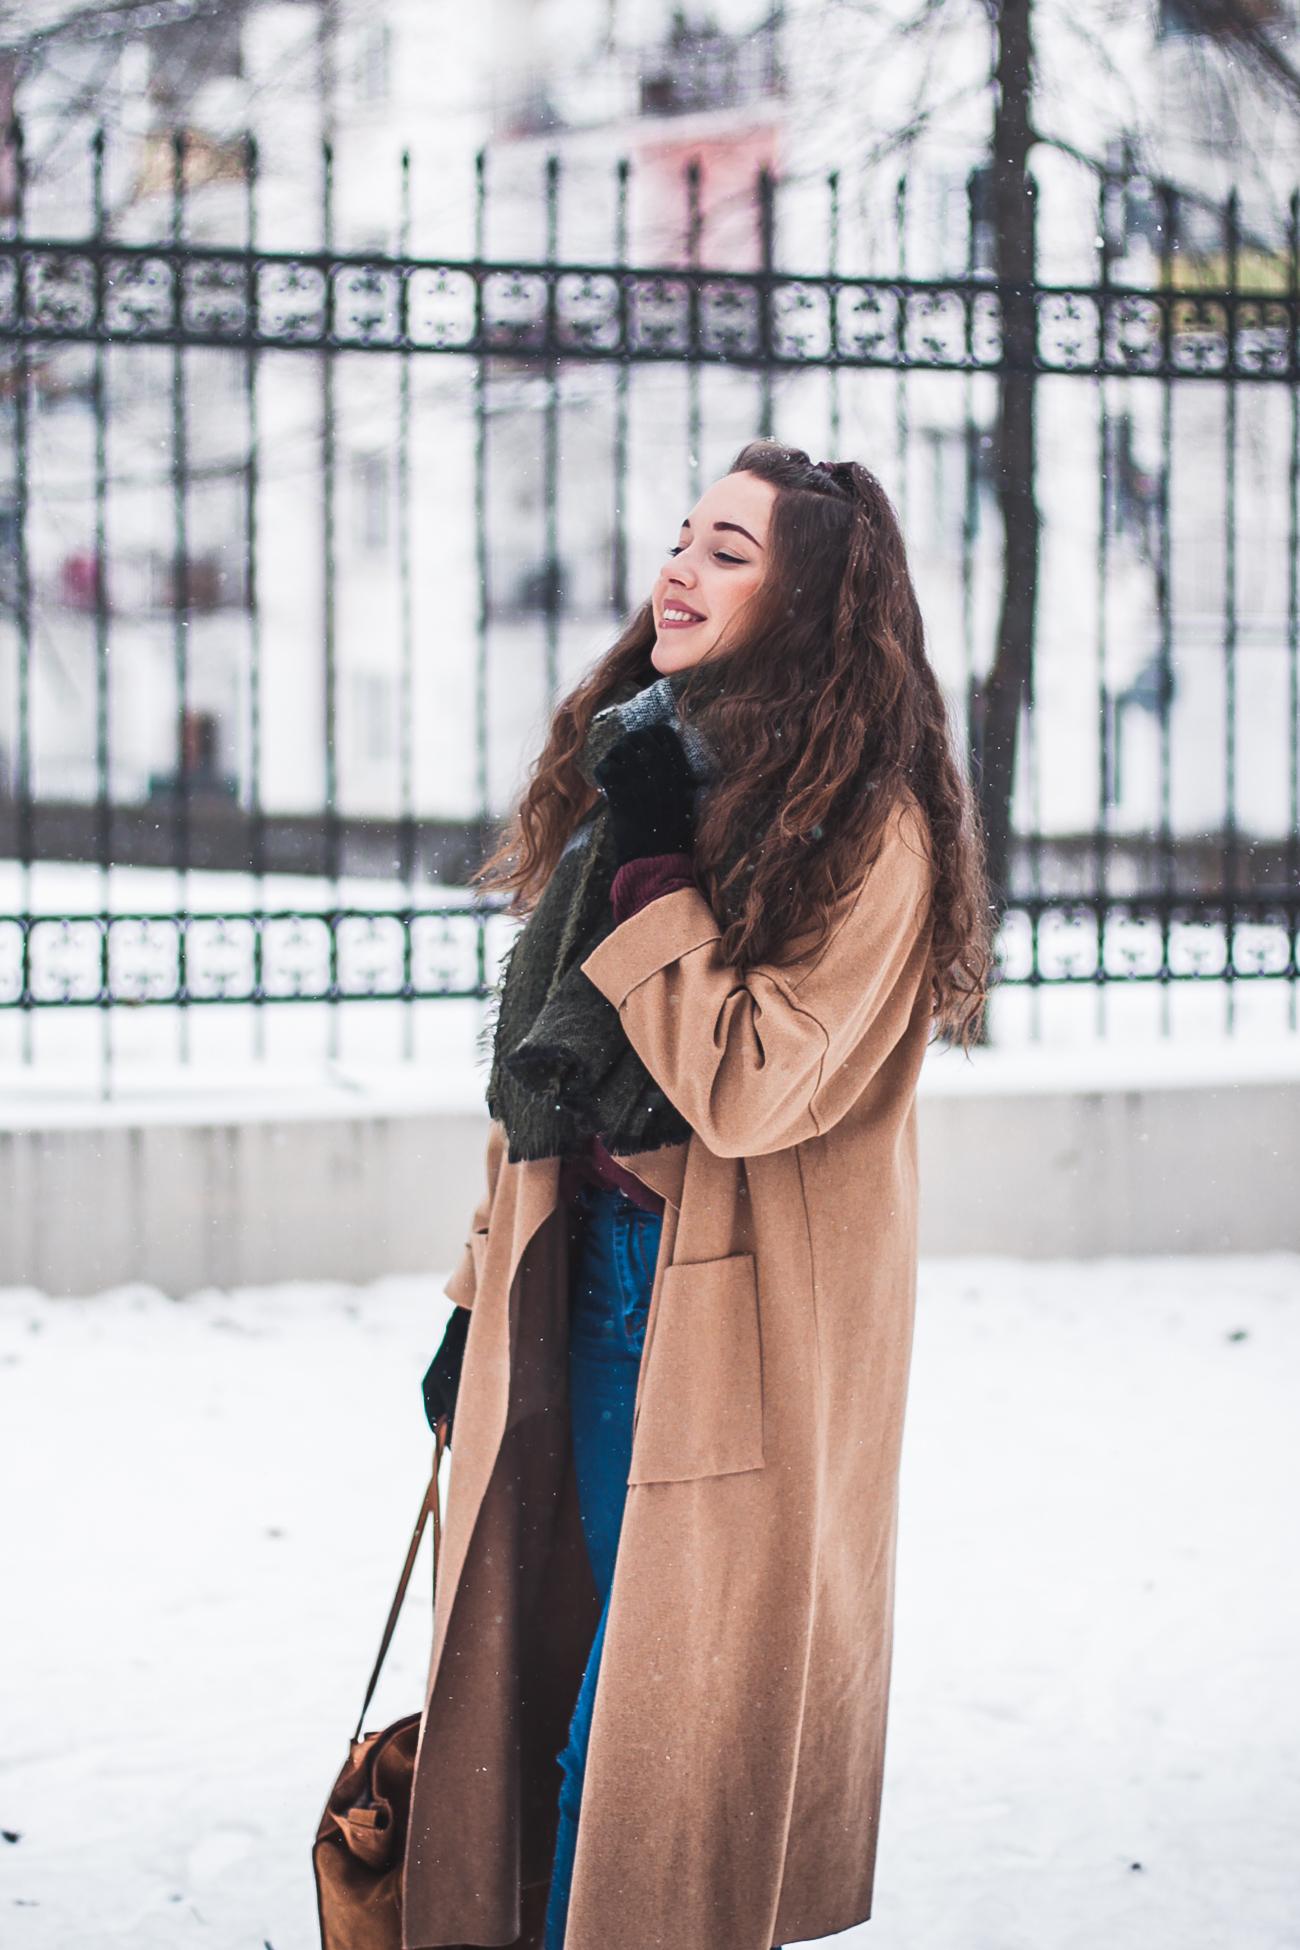 Płaszcz na zimę stylizacja blog